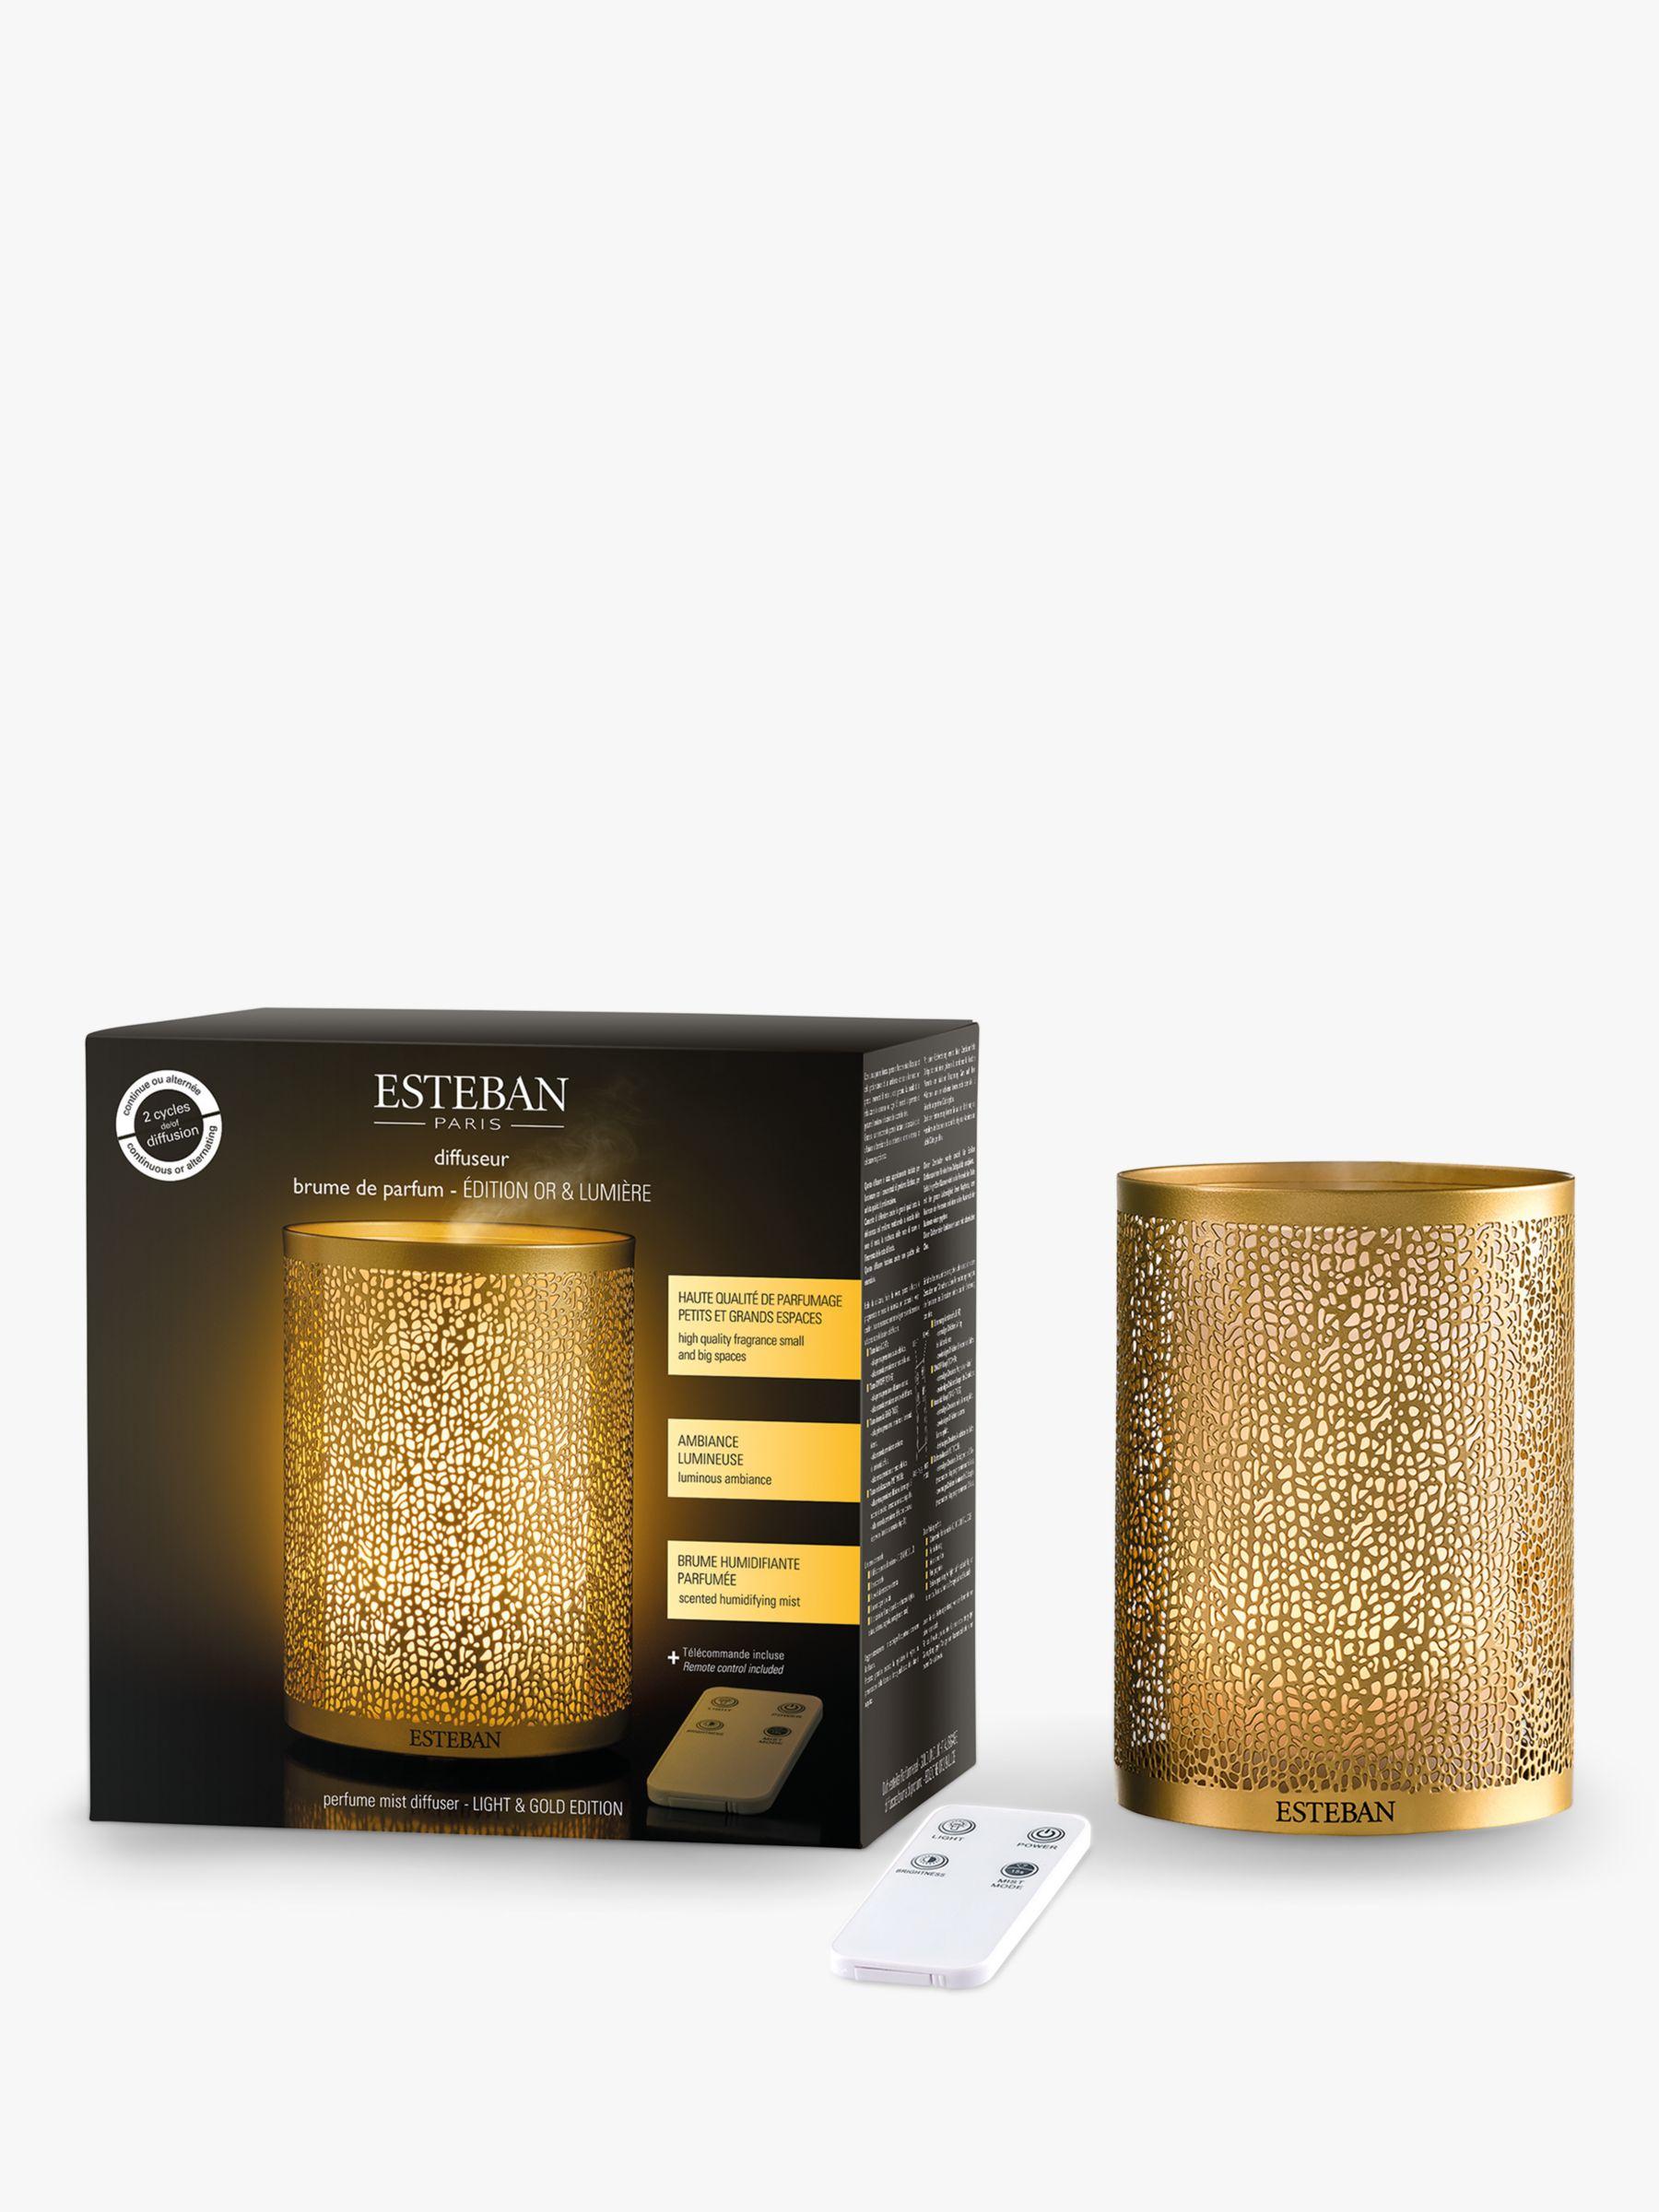 Esteban Esteban Ultrasonic Perfume Mist Diffuser, Gold